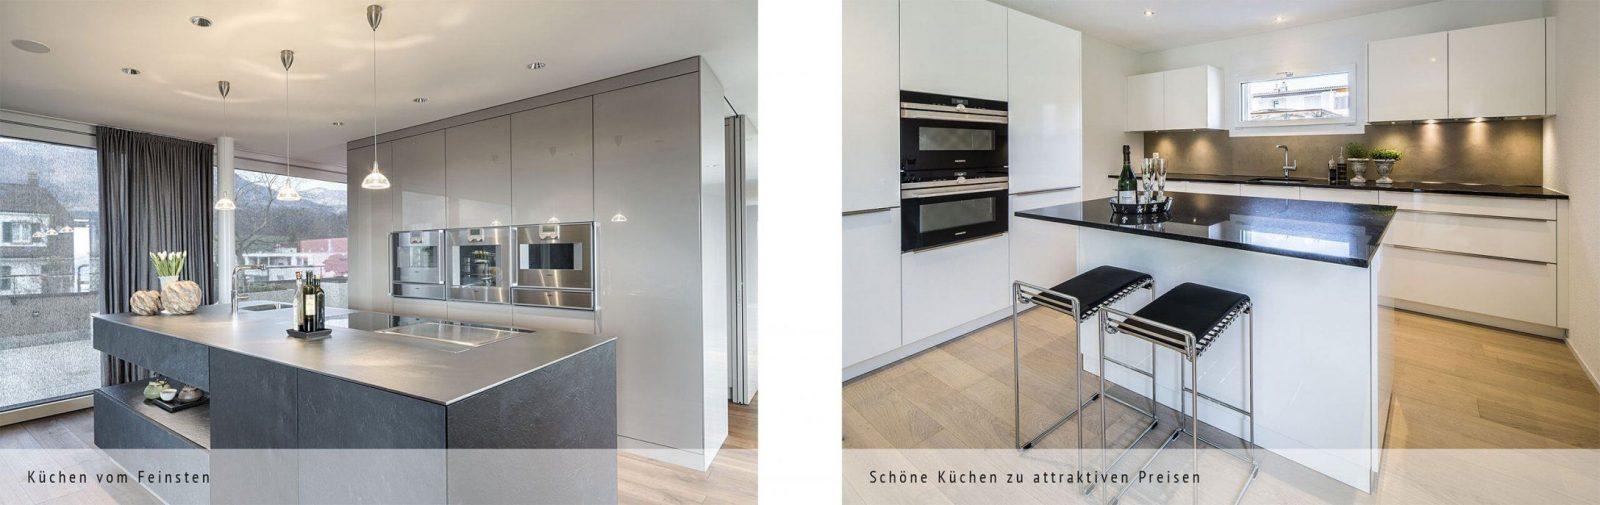 Design Küchen  Ihre Neue Küche Mit Design Küchenzbären von Küchen Bilder Selber Malen Bild